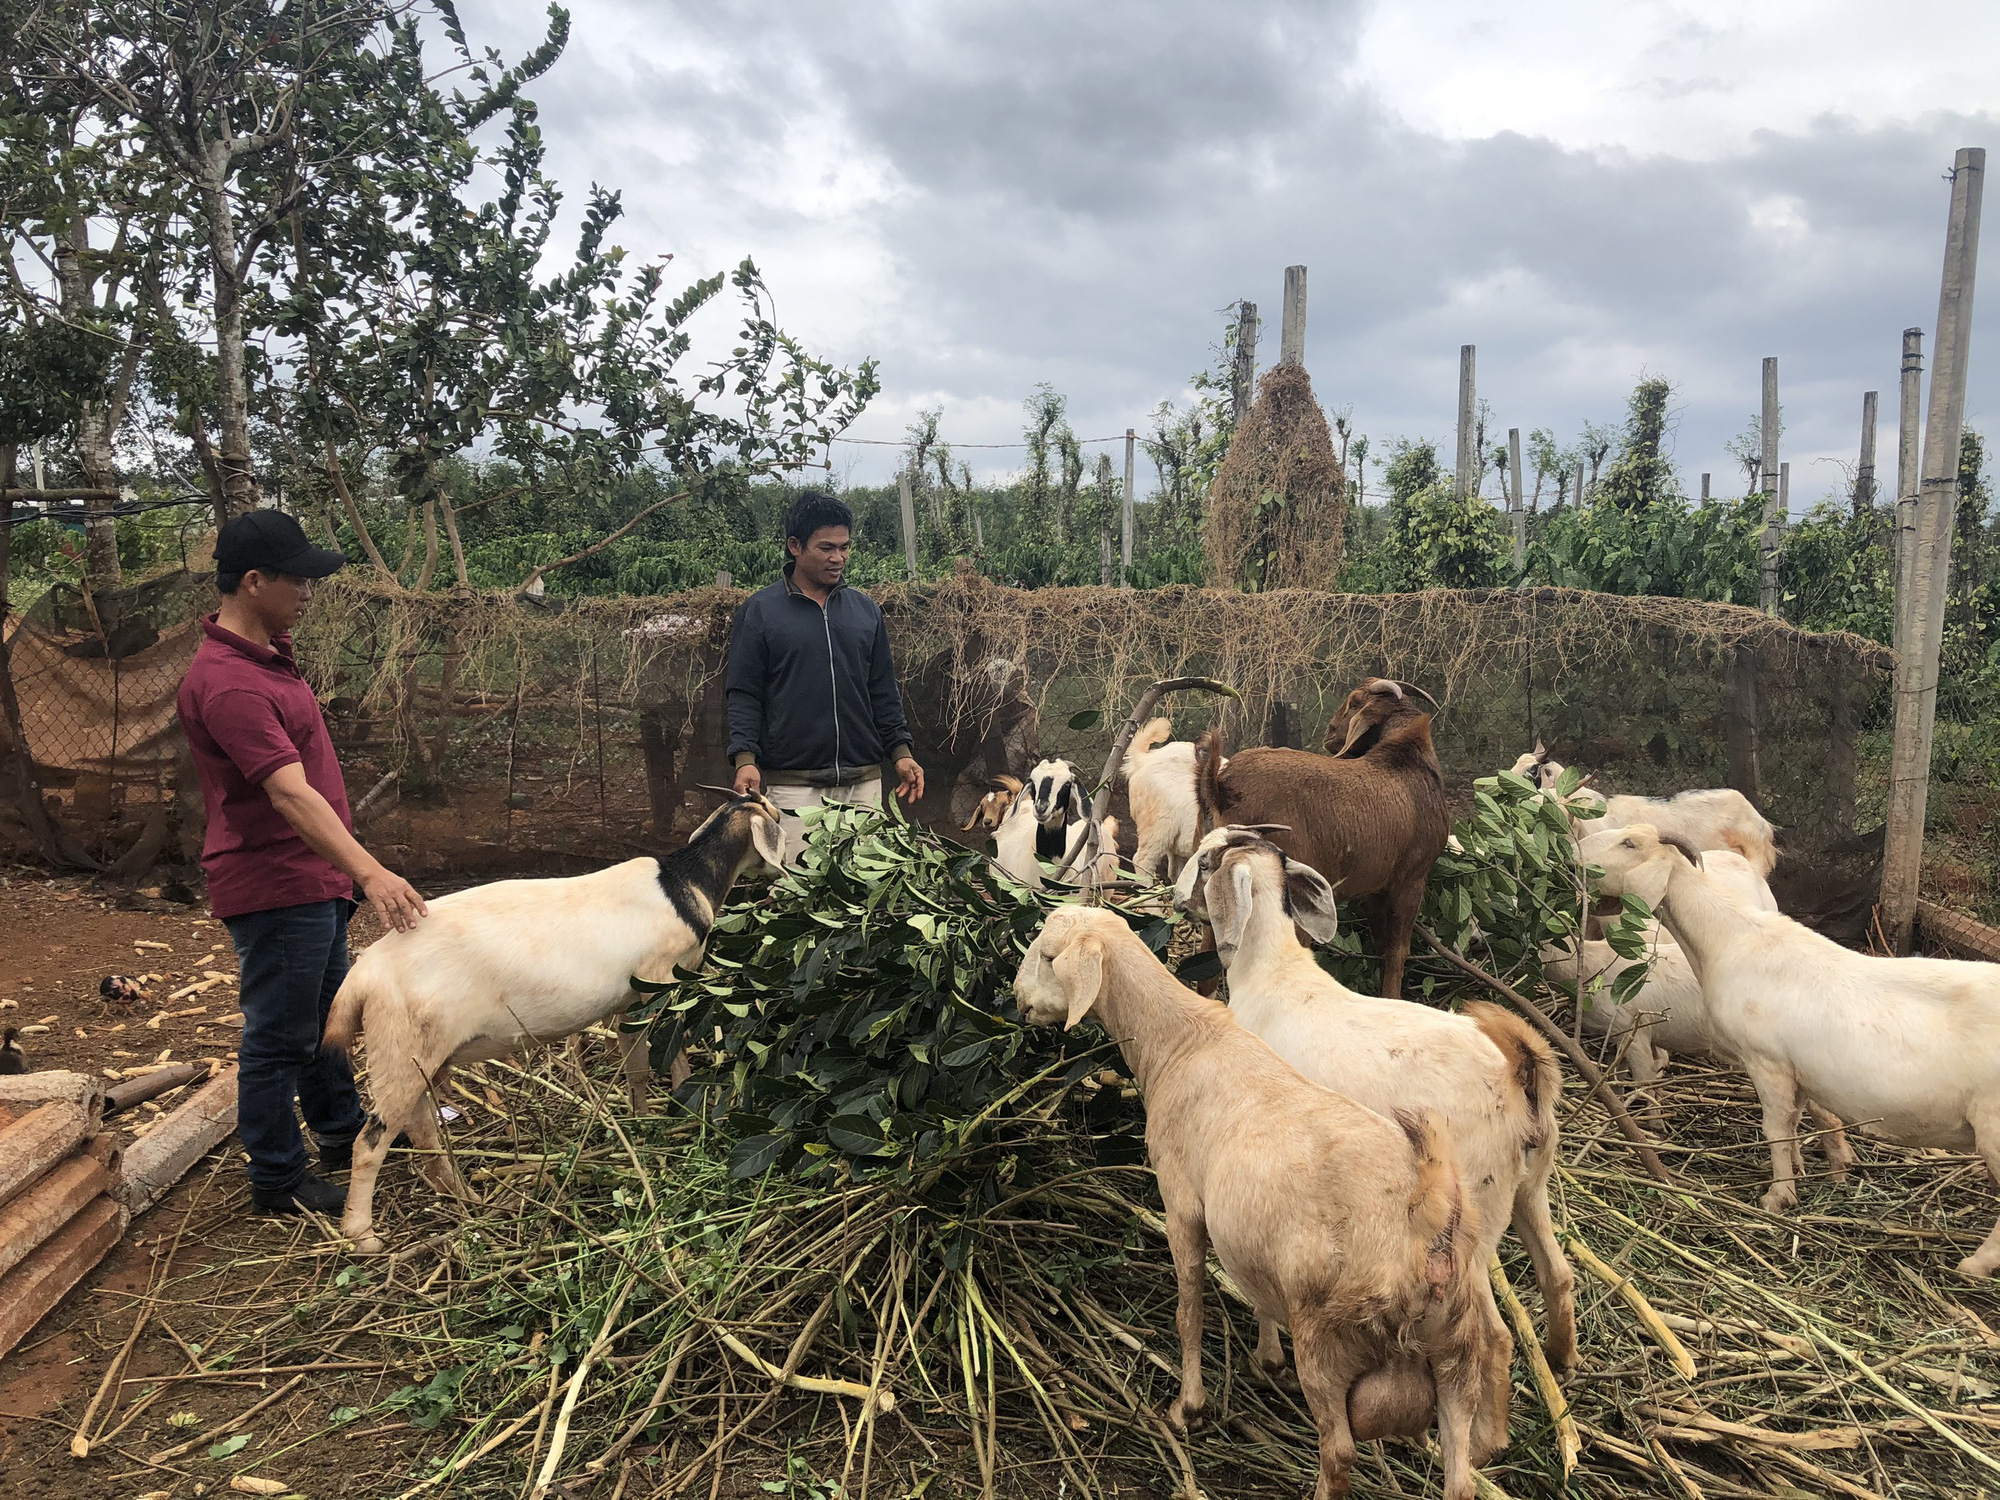 Lãi hàng trăm triệu đồng/năm vì nuôi dê Bo, nông dân bật mí kinh nghiệm - Ảnh 4.